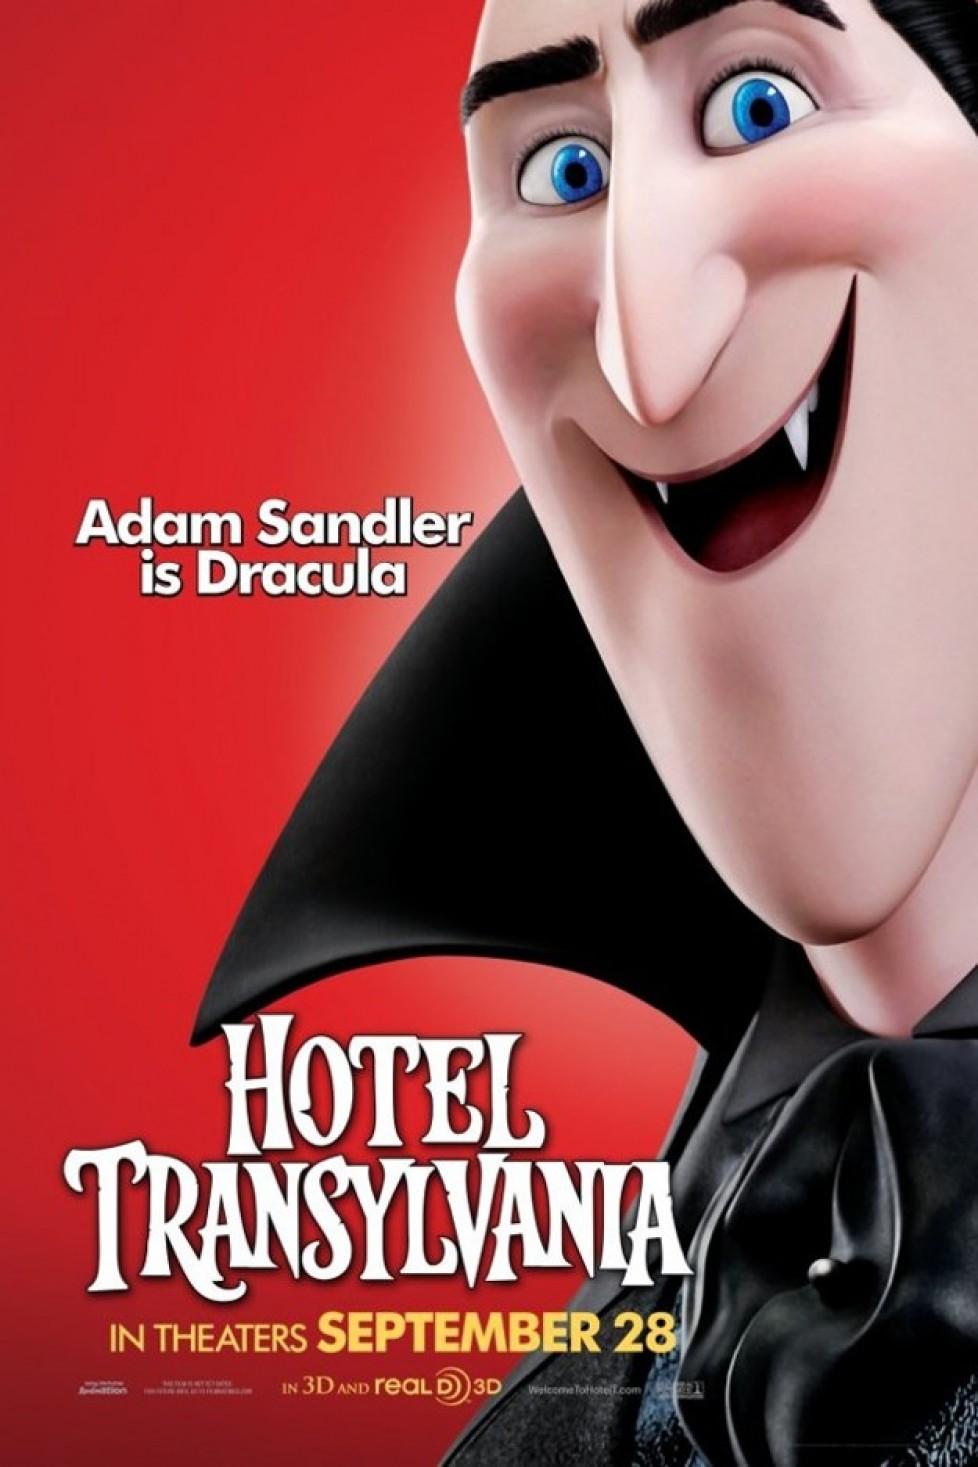 داونلود رایگان کارتون جدید Hotel Transylvania 2012 + زیرنویس فارسی